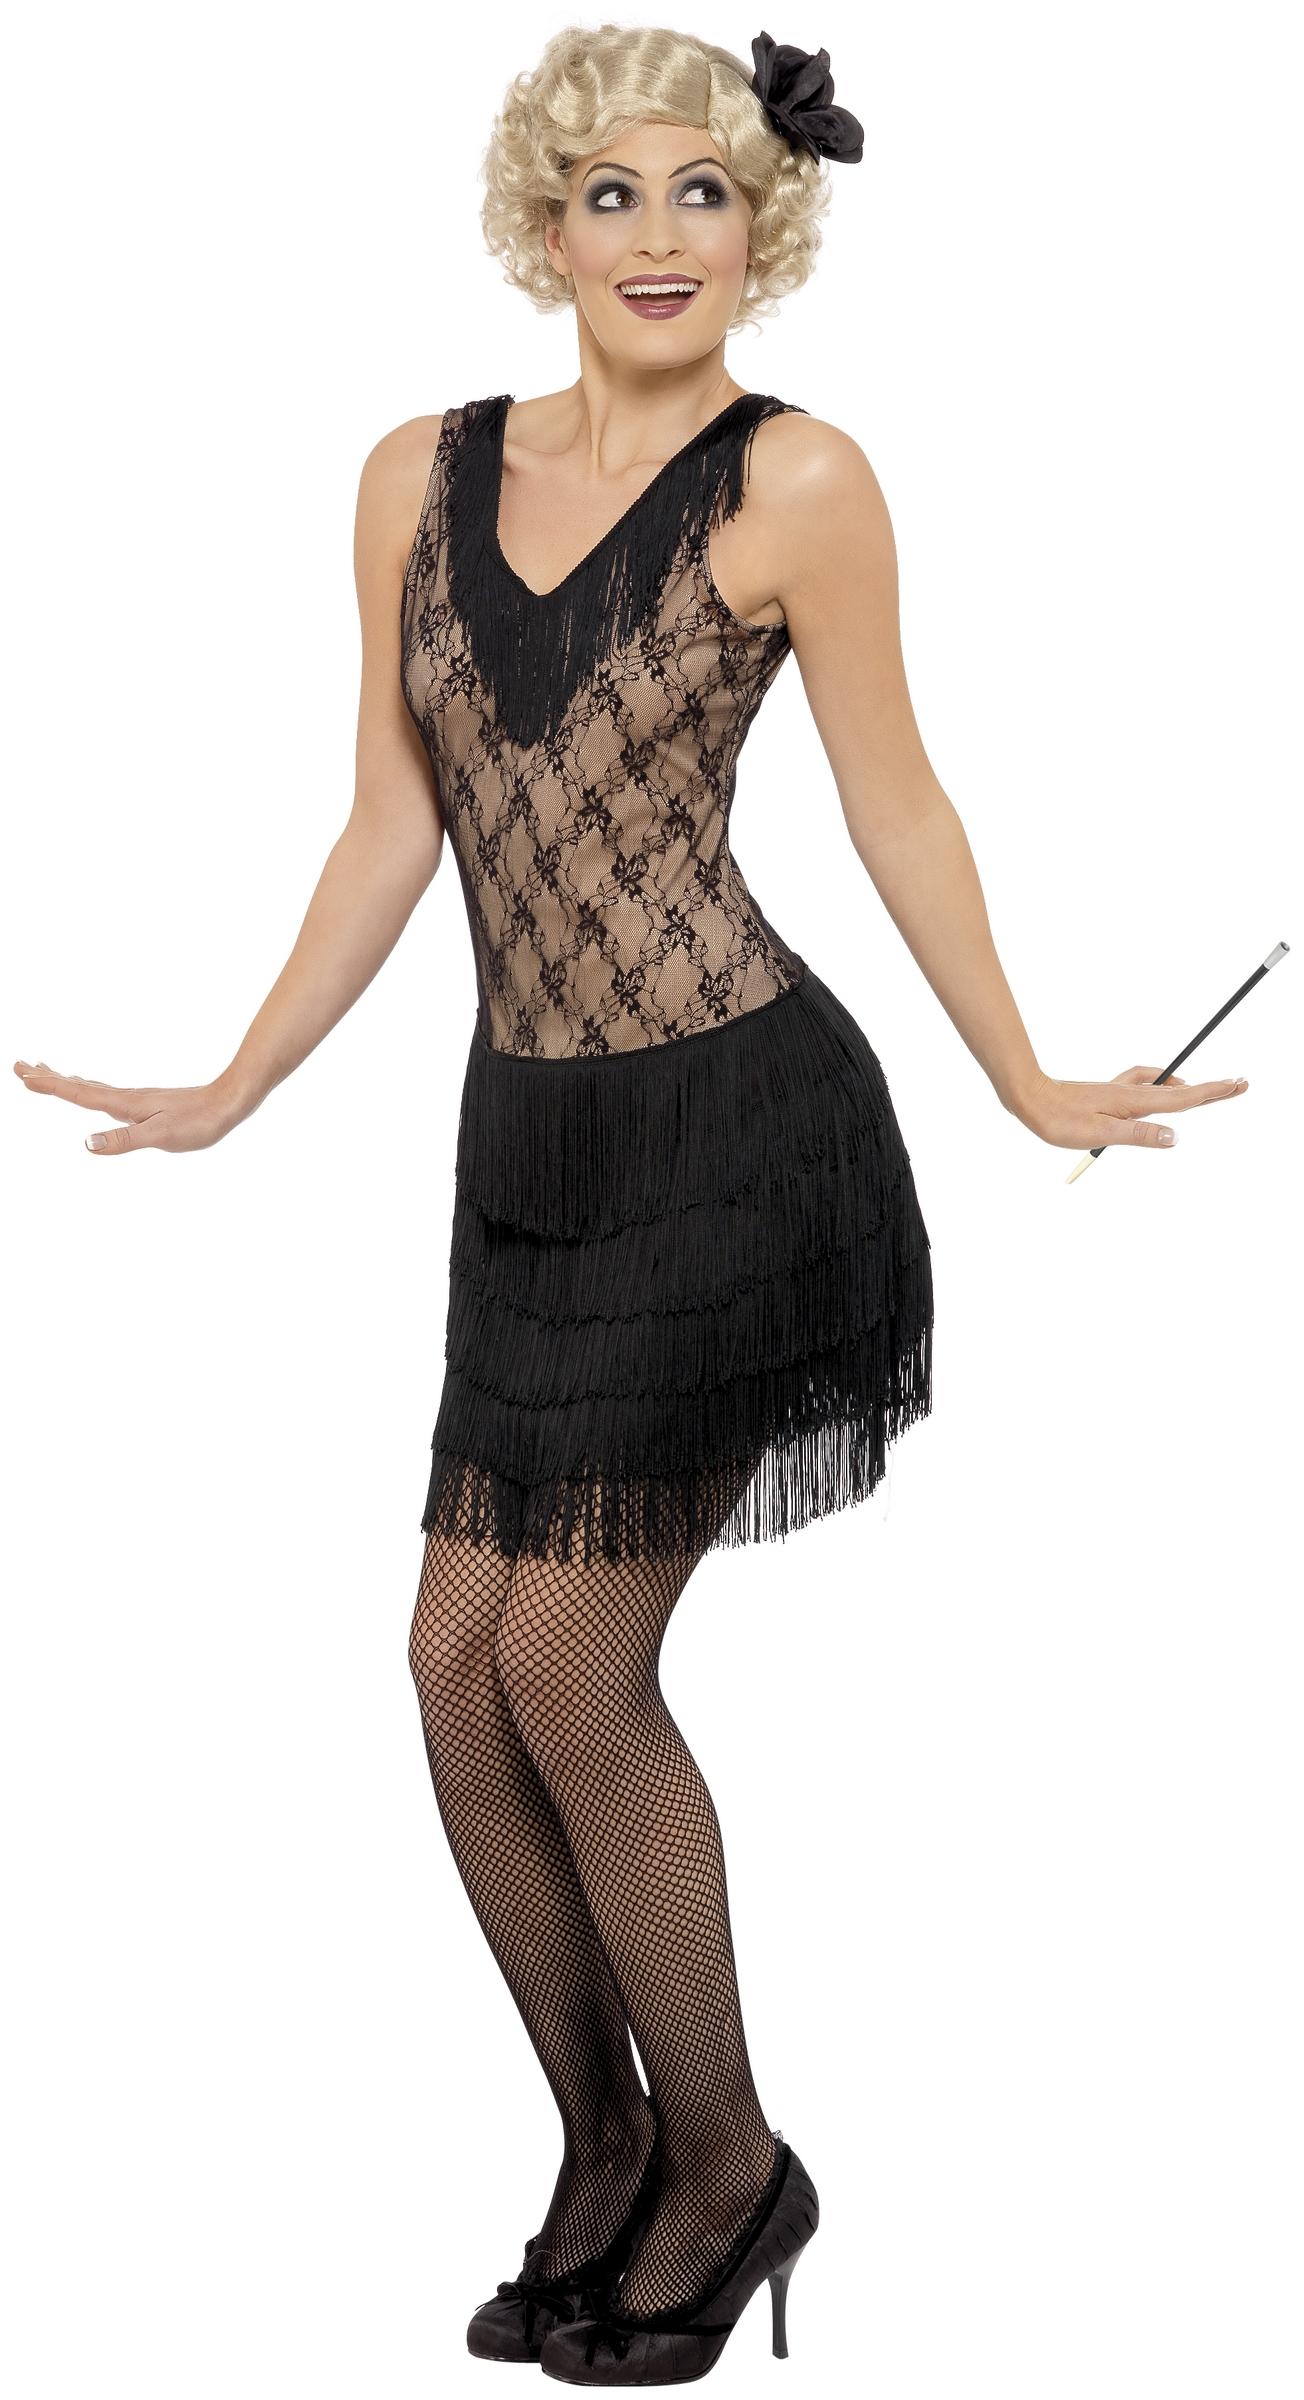 8a2c33e0156da Déguisement charleston pour femme   Déguisement cabaret - Costume ...